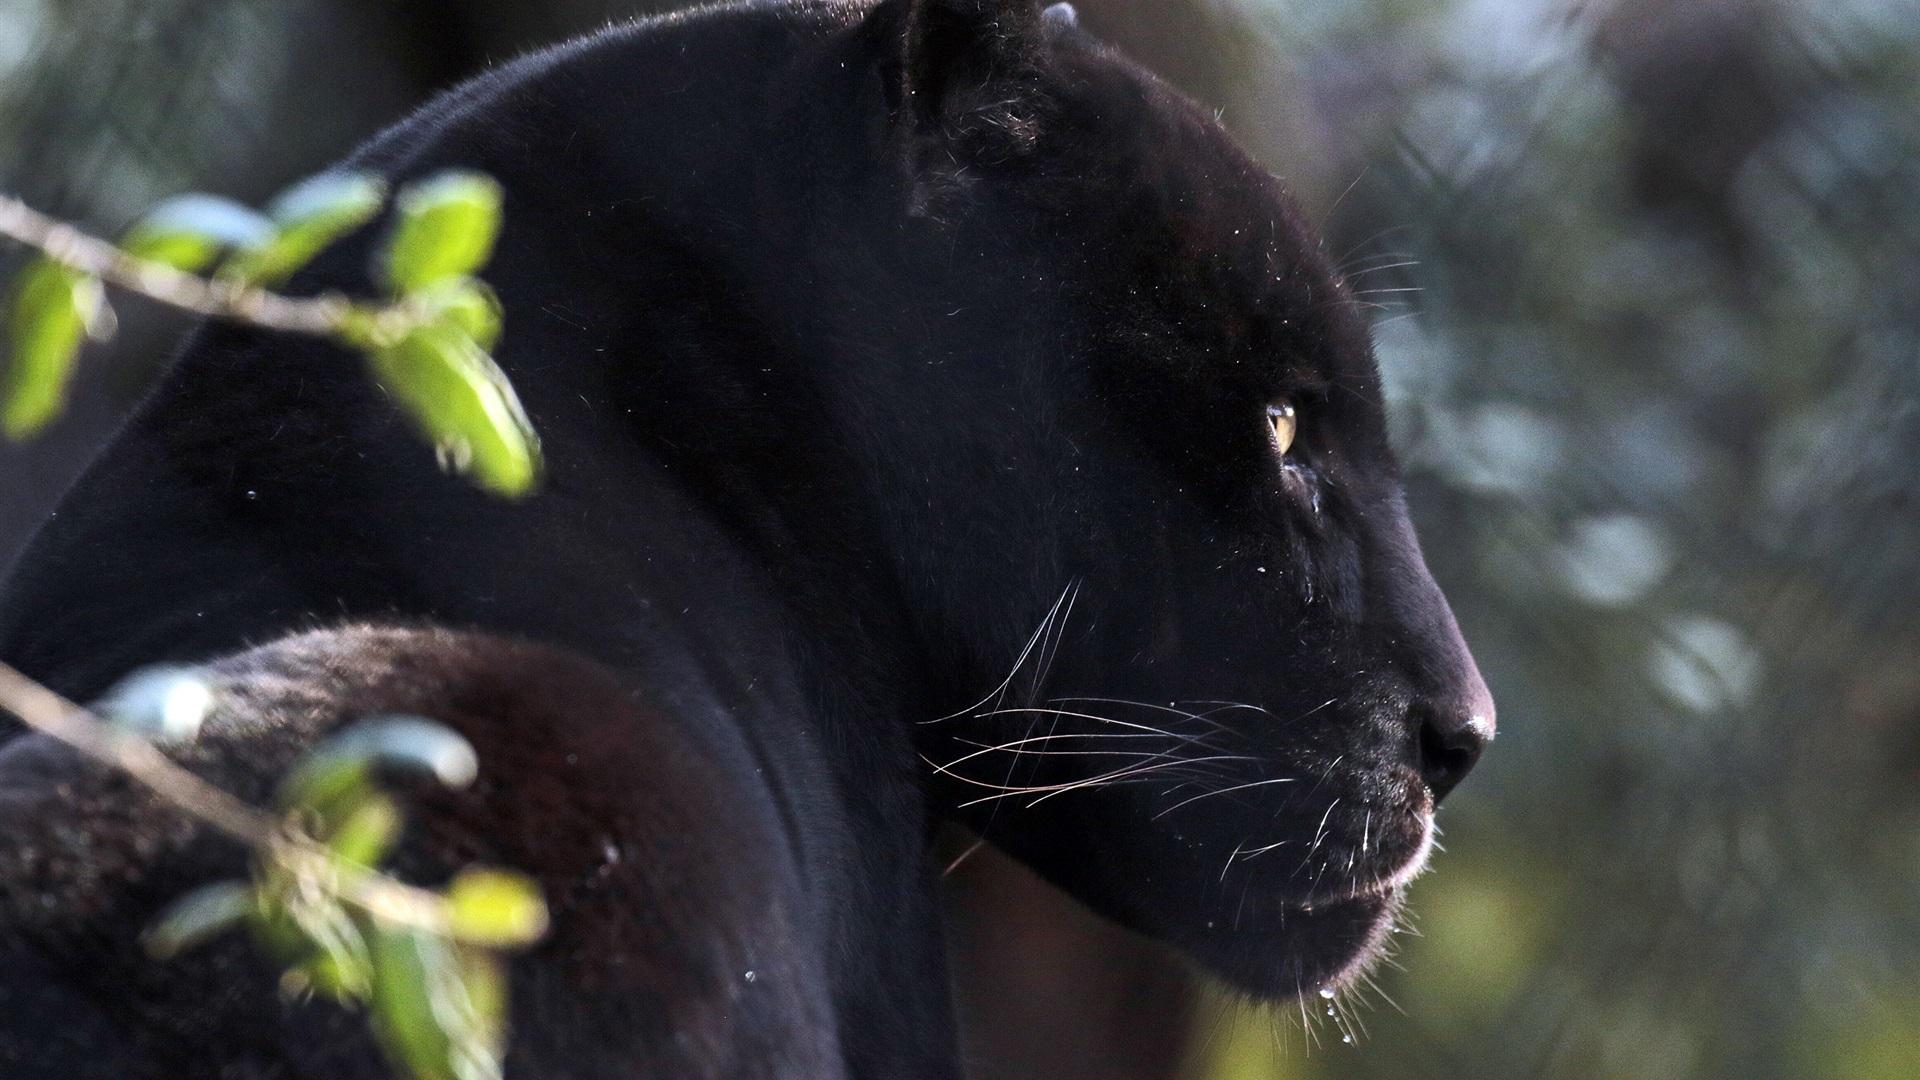 Pantera Imagenes Para Fondo De Pantalla Hd: Vista Lateral De Pantera Negra Fondos De Pantalla